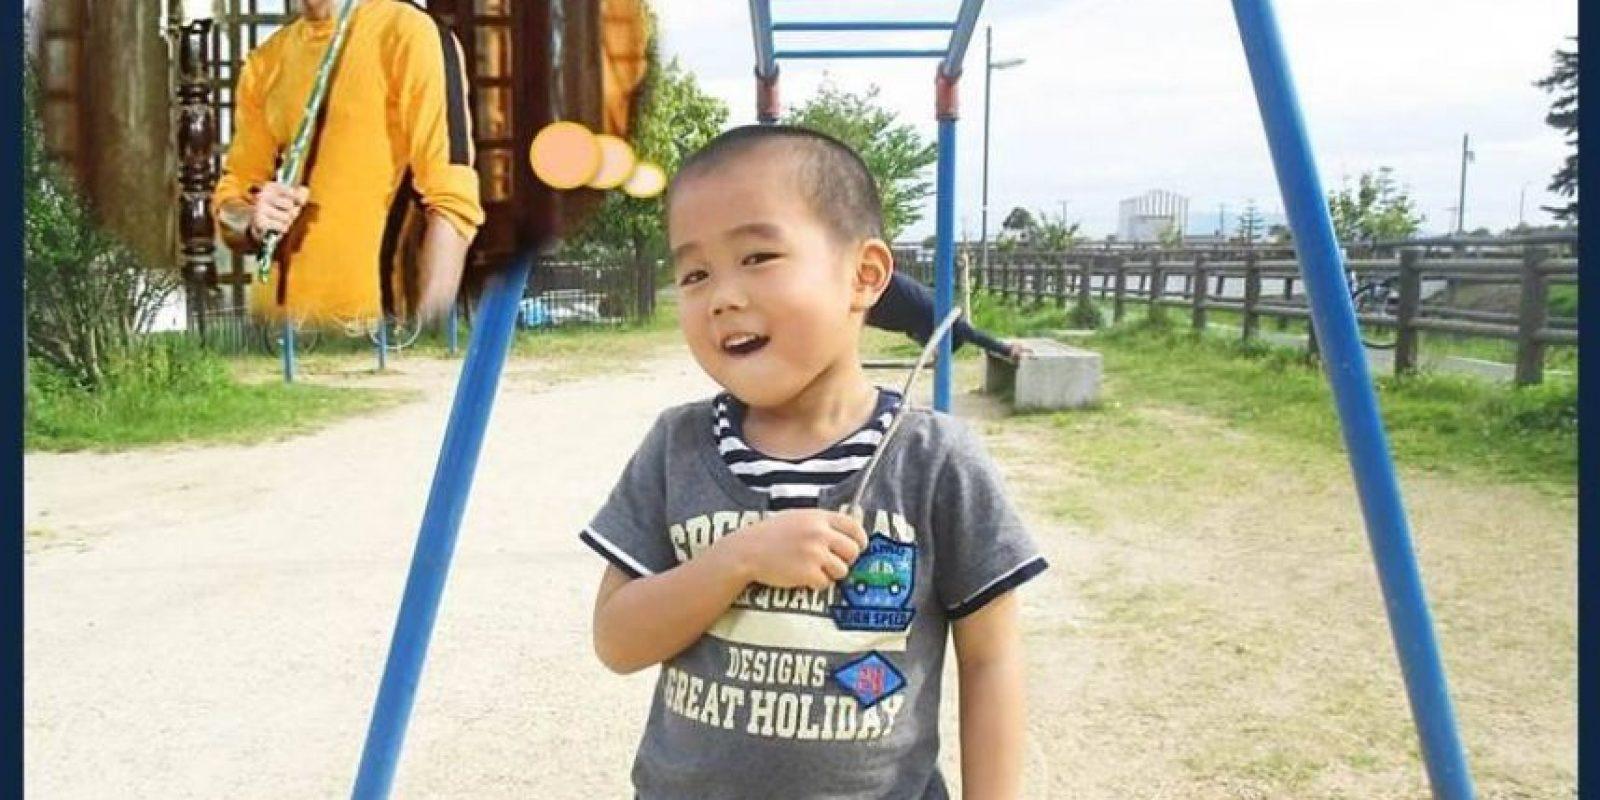 Esa cifra la consiguió en solo dos días Foto:vía www.facebook.com/ryu.bruce.3